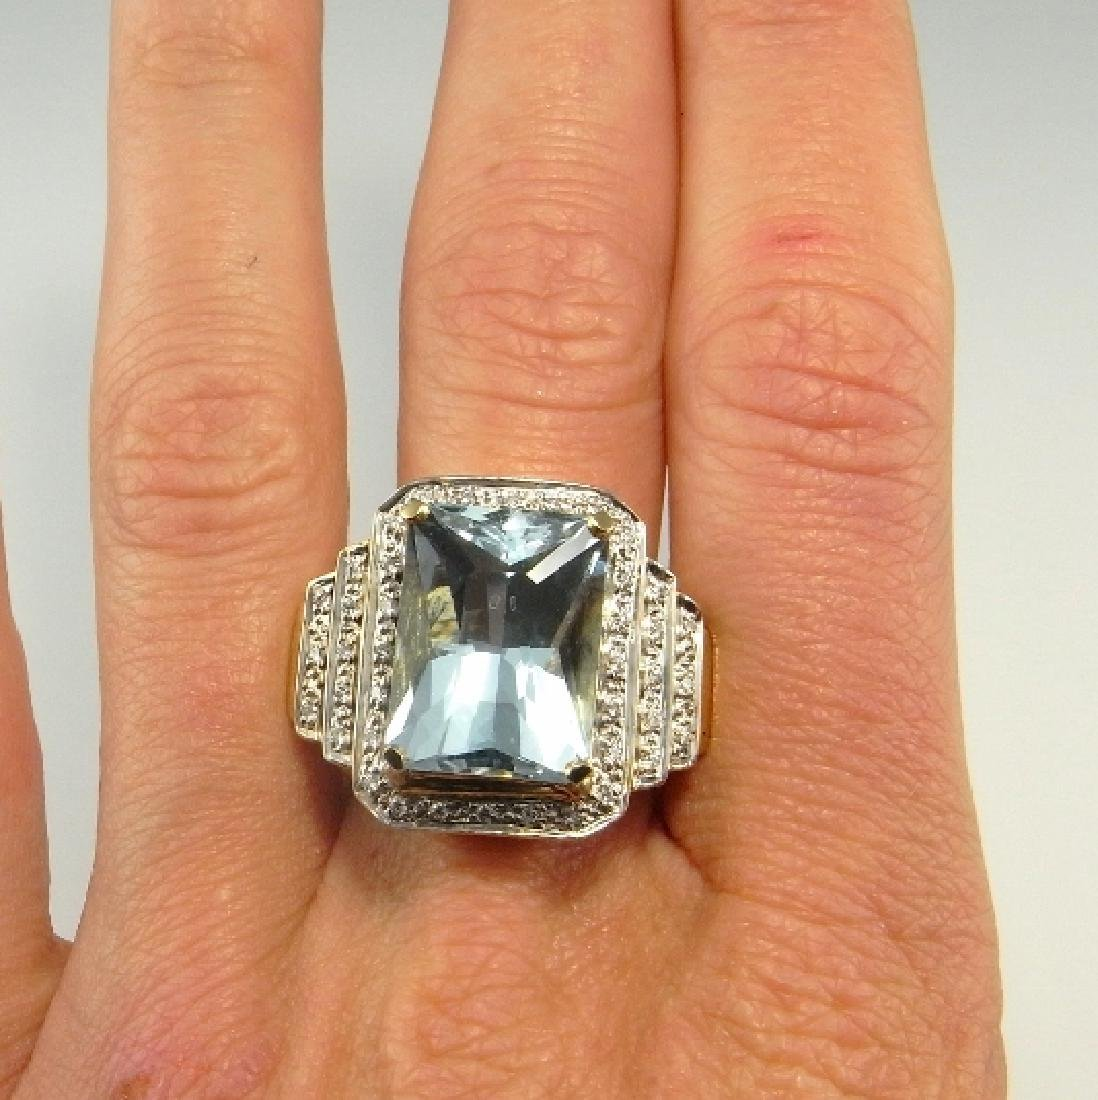 BIG AQUAMARINE DIAMOND RING 14K GOLD  11.20 CTW - 2